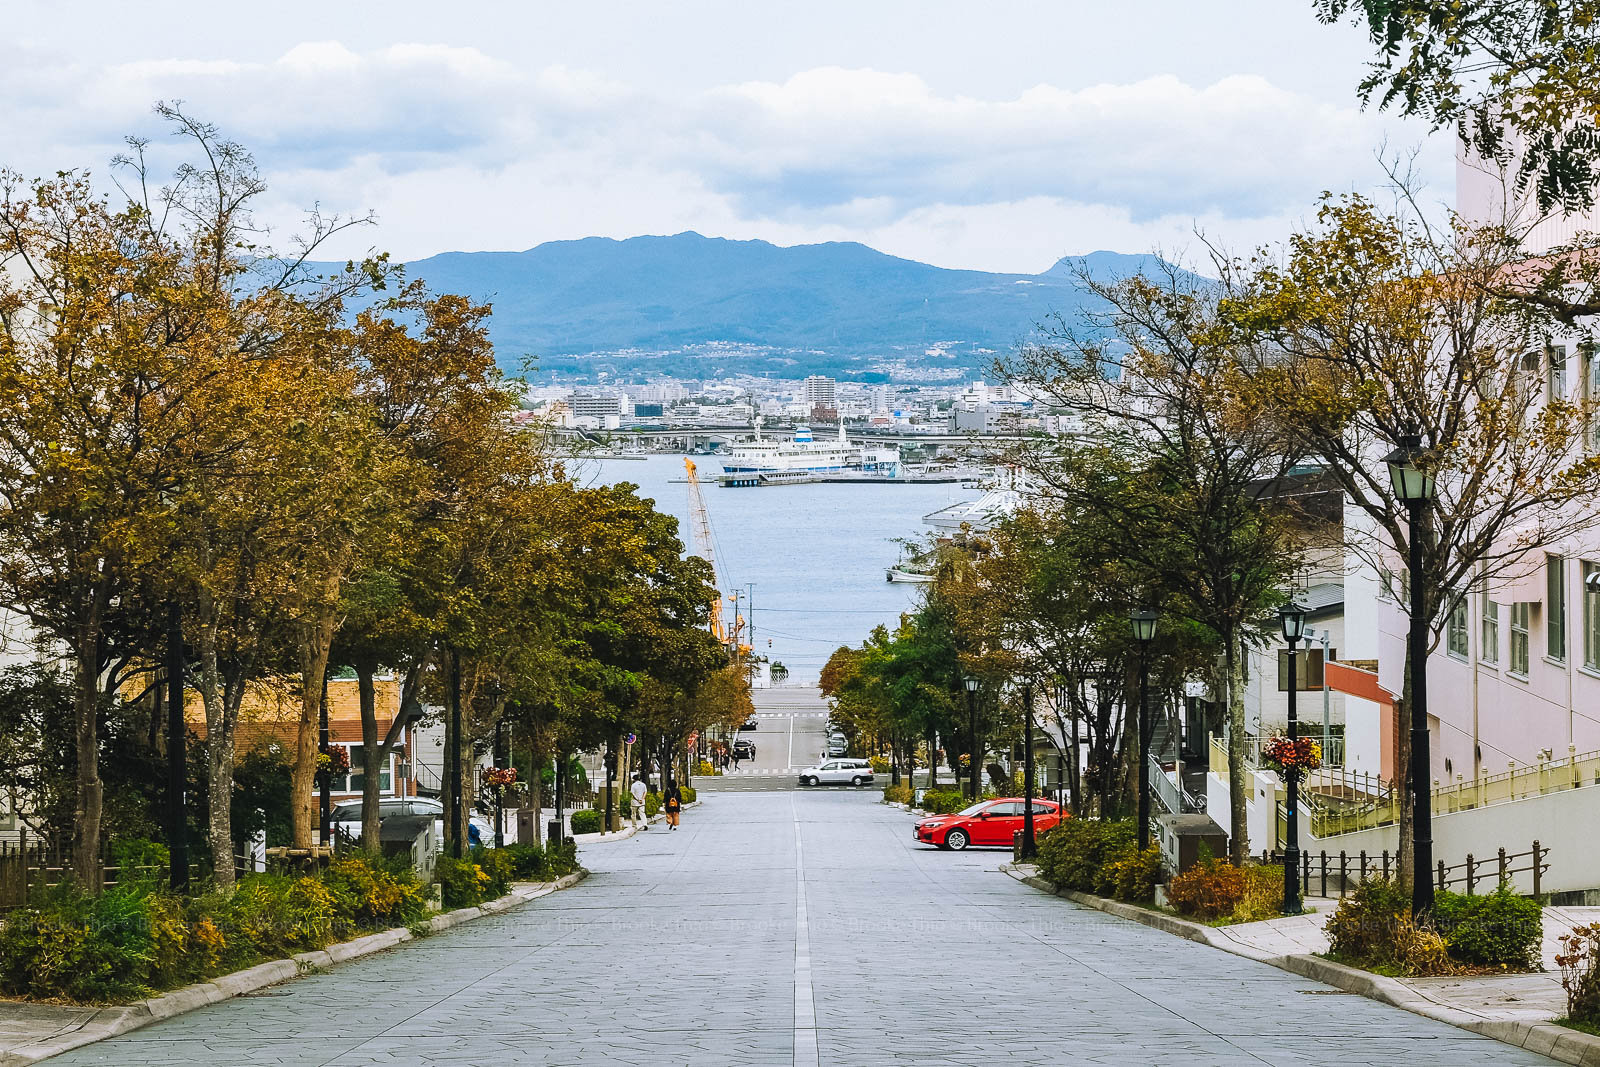 Hachimanzaka, viewed from Motomachi neighborhood